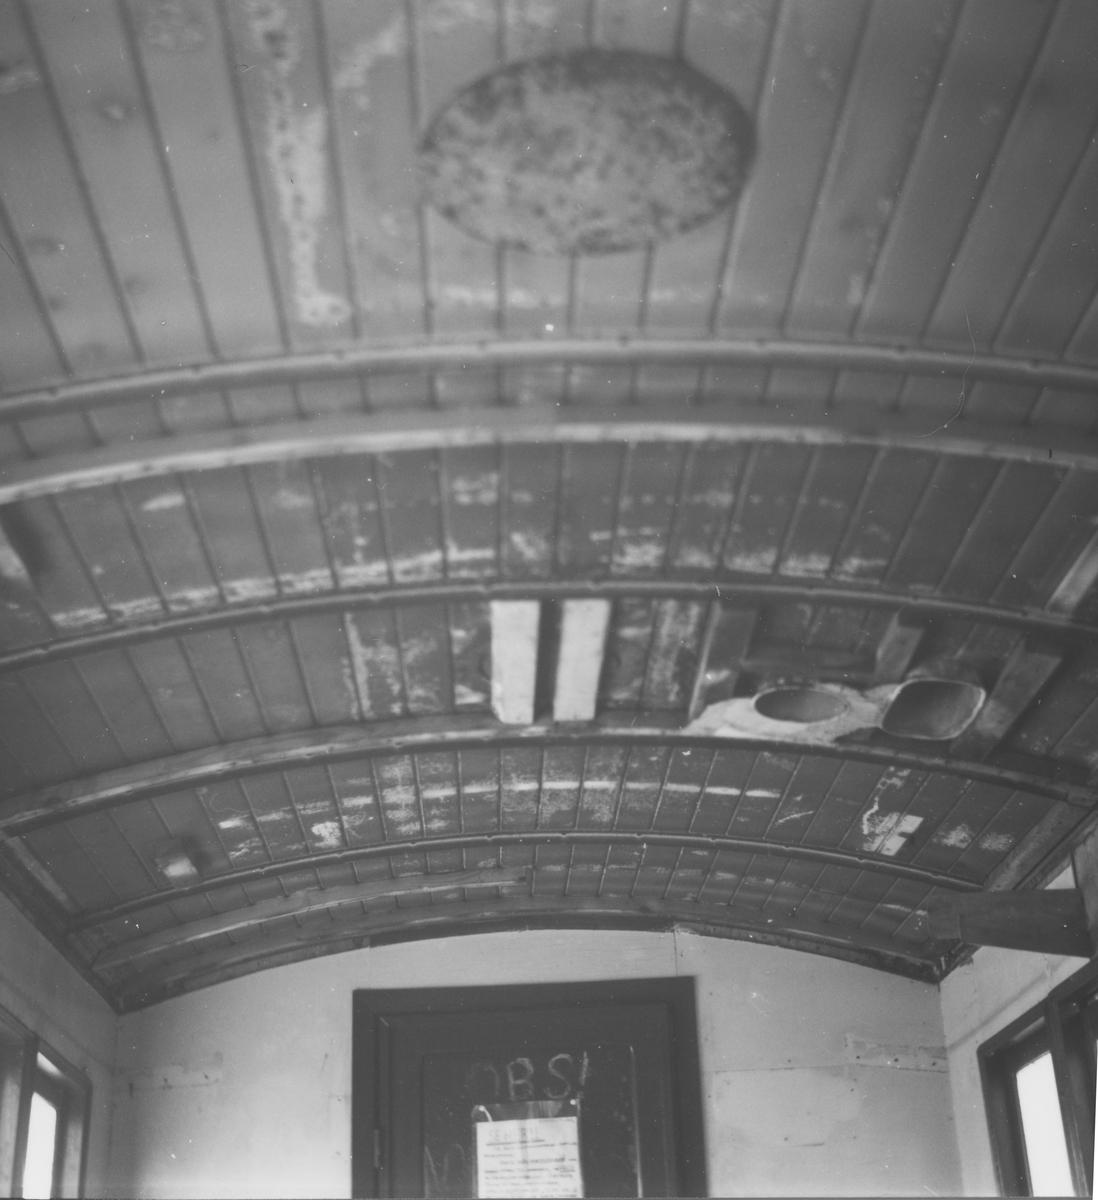 Detalj av taket i personvogn Co2, etter at finerplatene fra 1930-tallet er tatt ned. Bildet er fra den delen av vognen der det opprinnelig var 3. klasse.